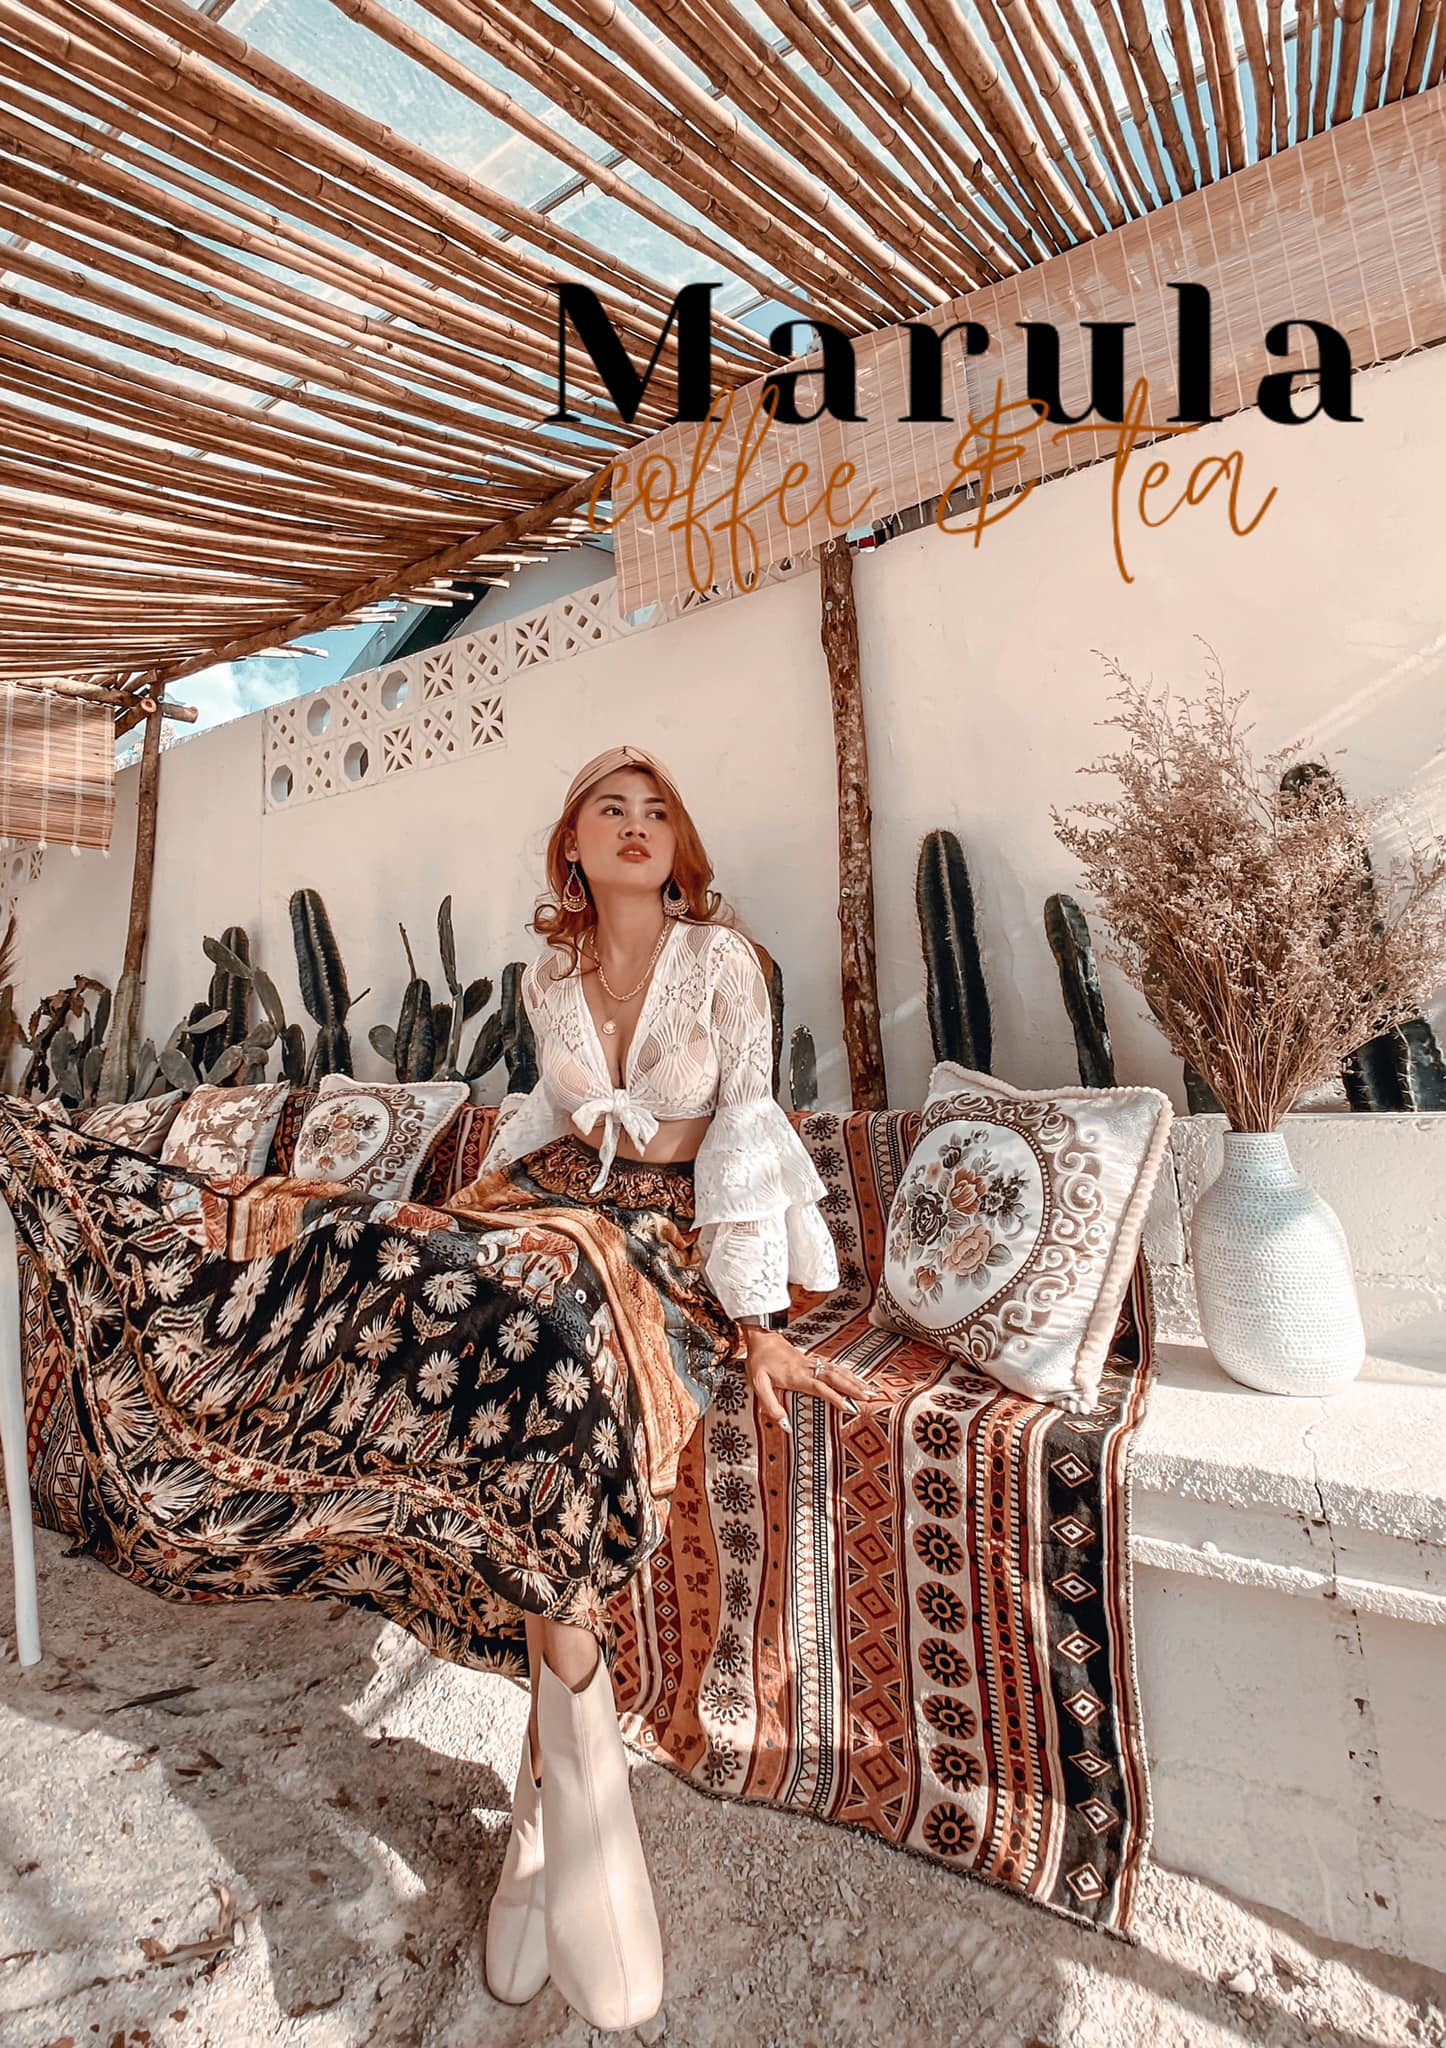 Marula coffee & Tea Đà Lạt – Địa điểm check in siêu xịn sò mới toanh ở Đà Lạt